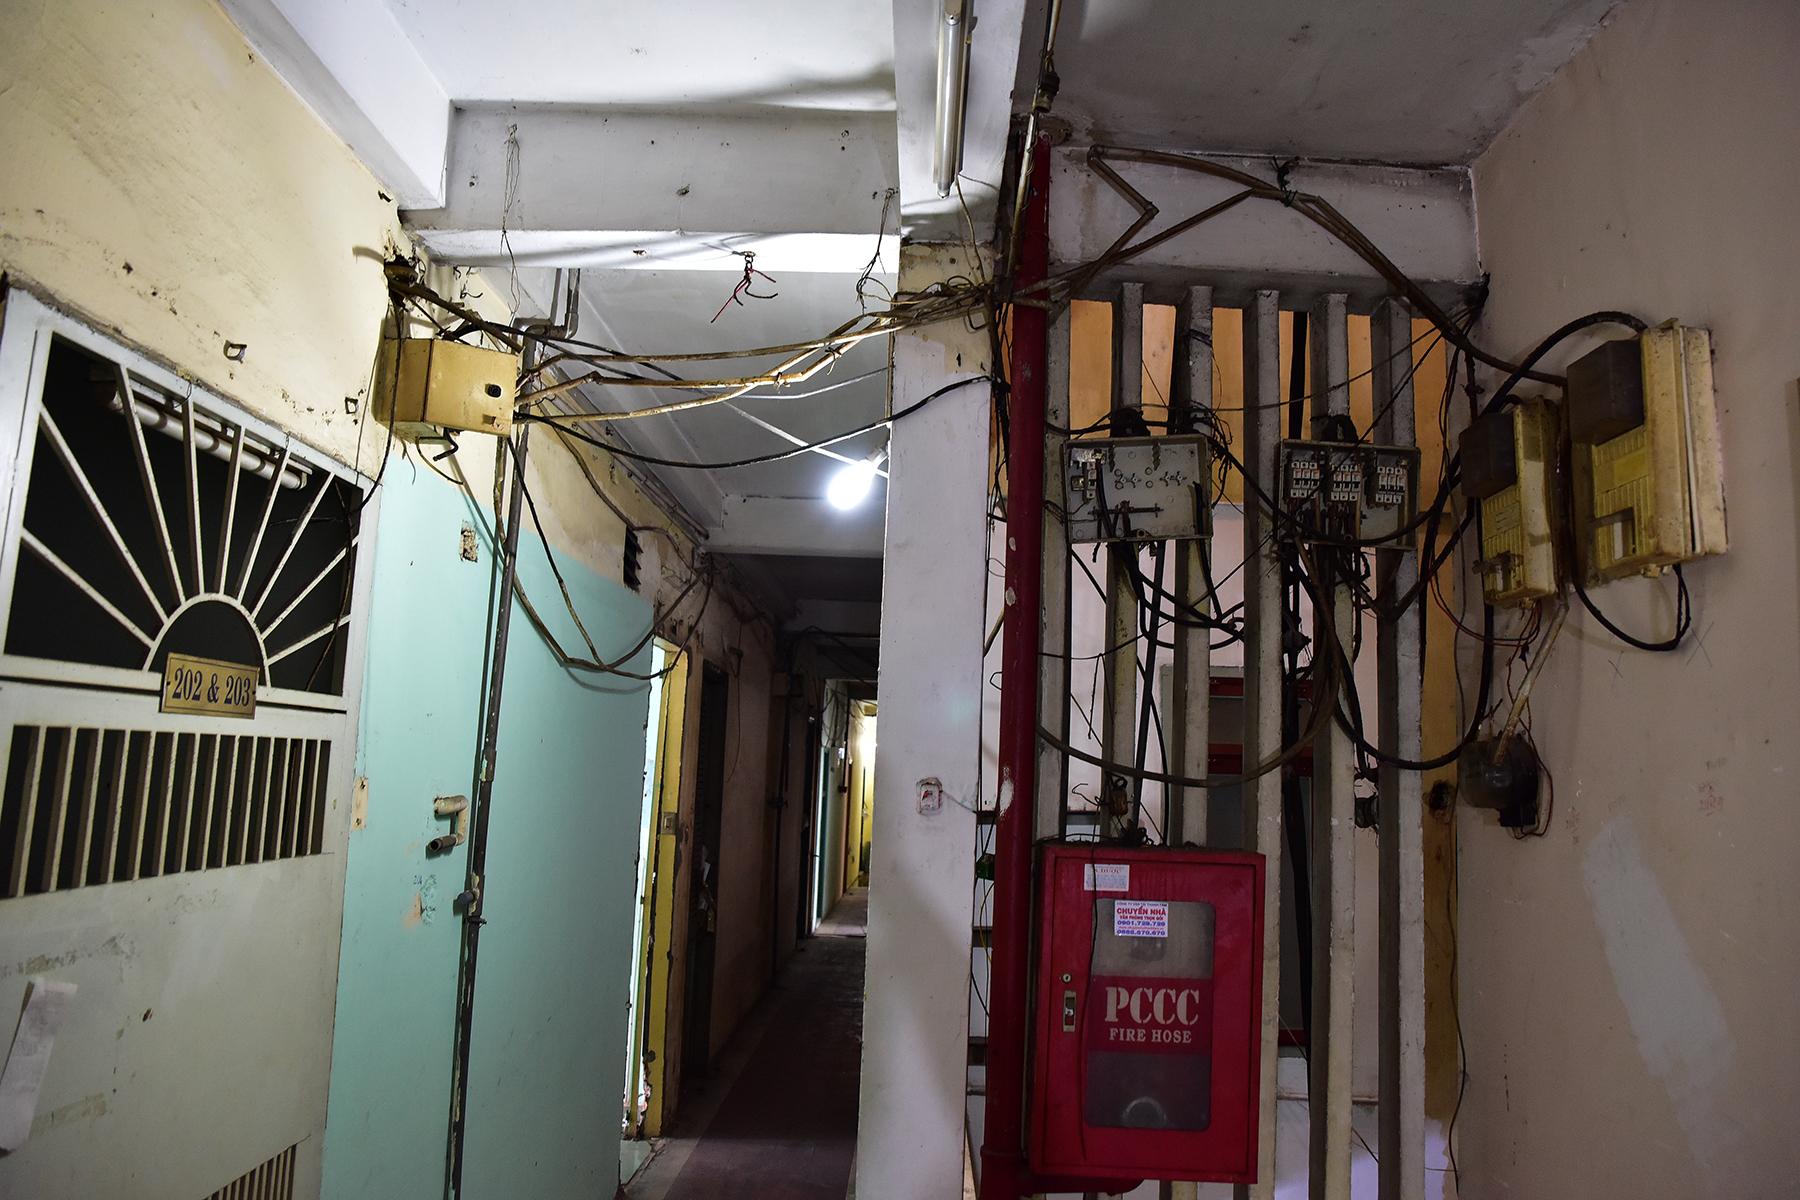 Ớn lạnh cảnh rác ngập ngụa trong các căn hộ chung cư ở phố Tây Sài Gòn - 6